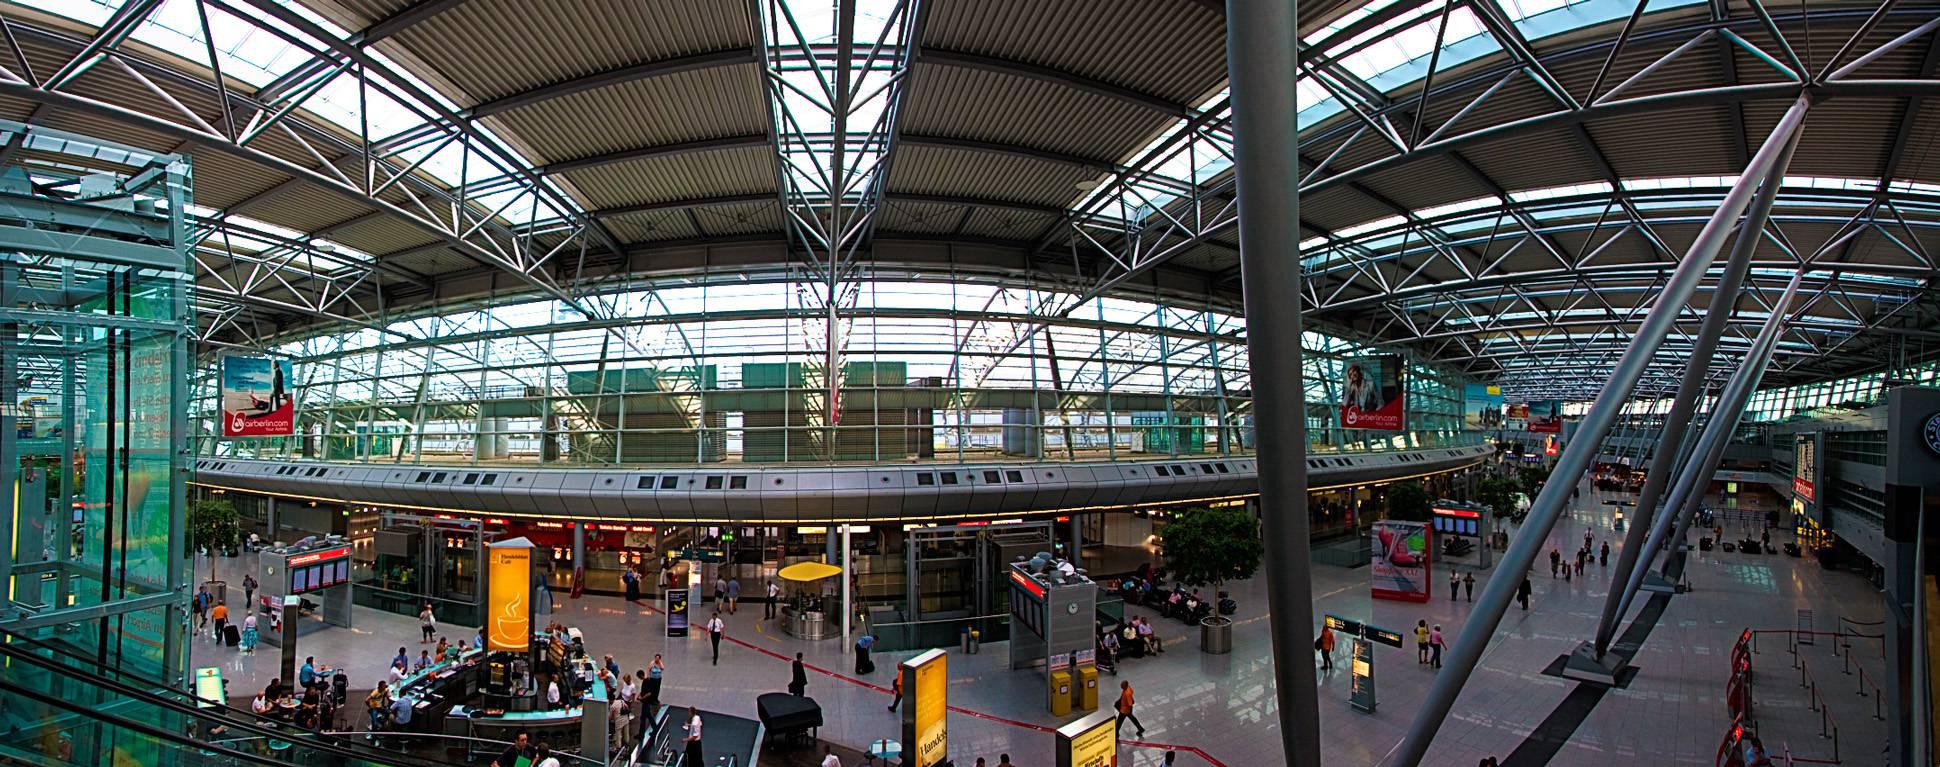 Аэропорт дюссельдорфа как добраться в центр города и обратно